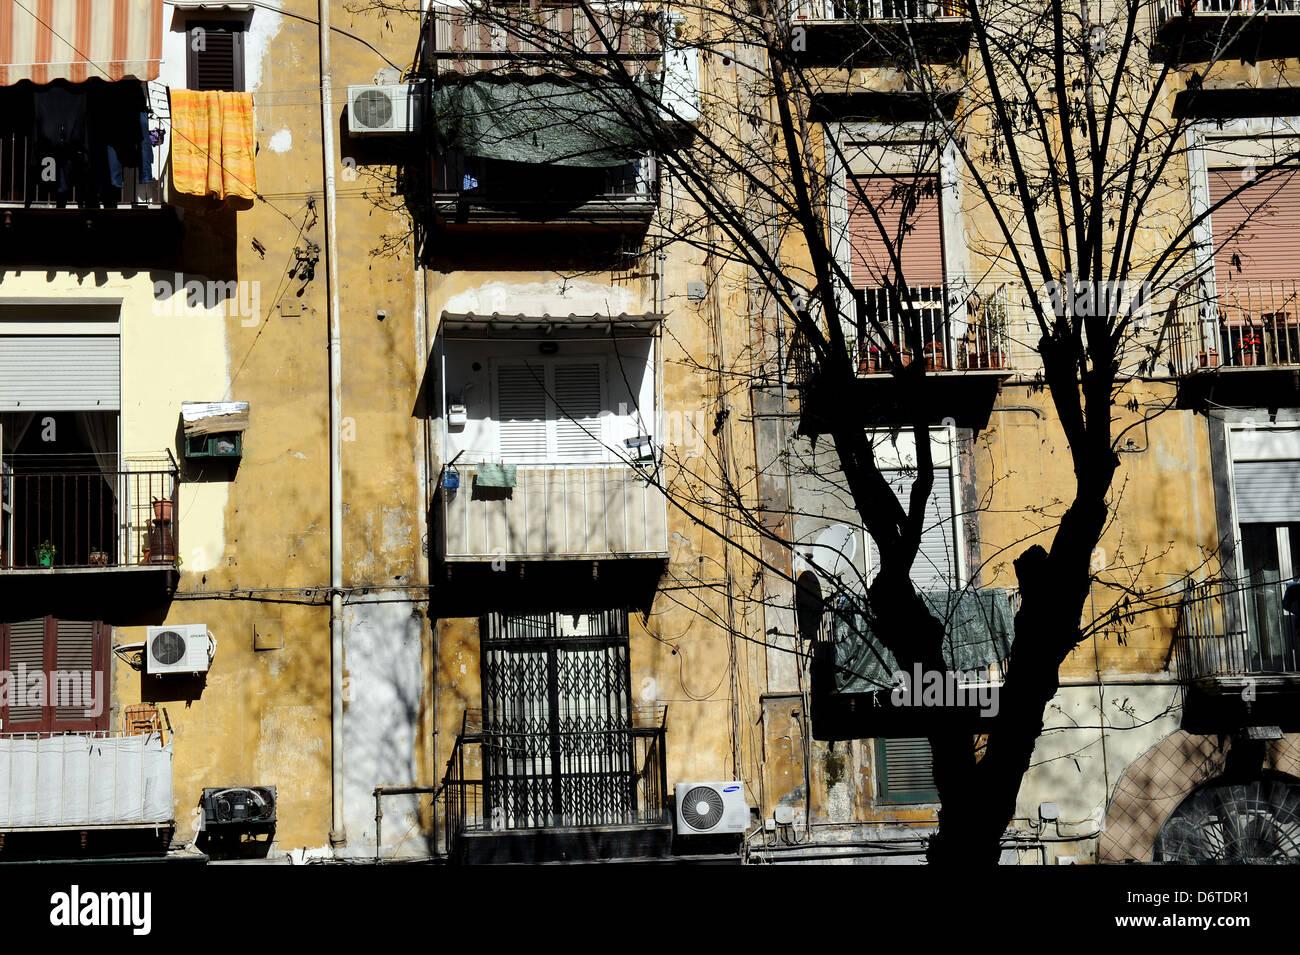 Balconi Piccolissimi : Balcony naples italy balconies immagini balcony naples italy